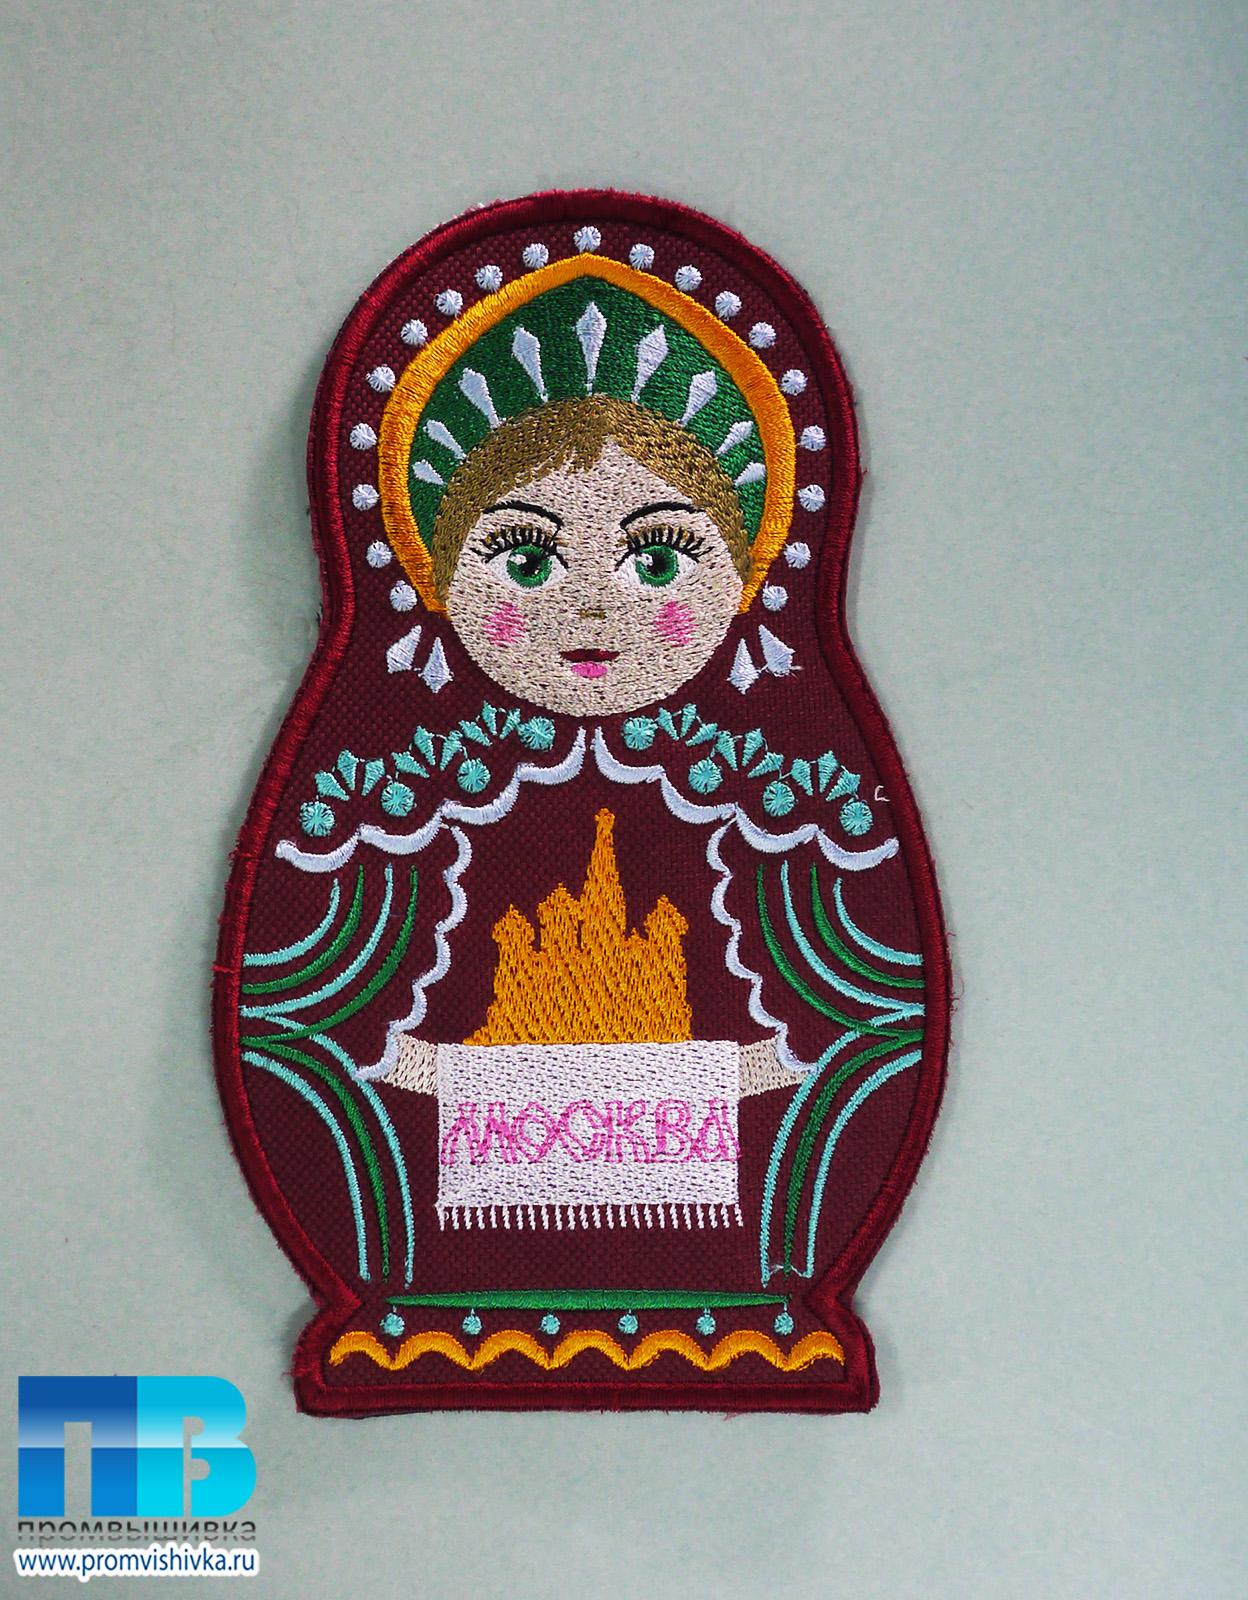 Русский сувенир вышивка 32